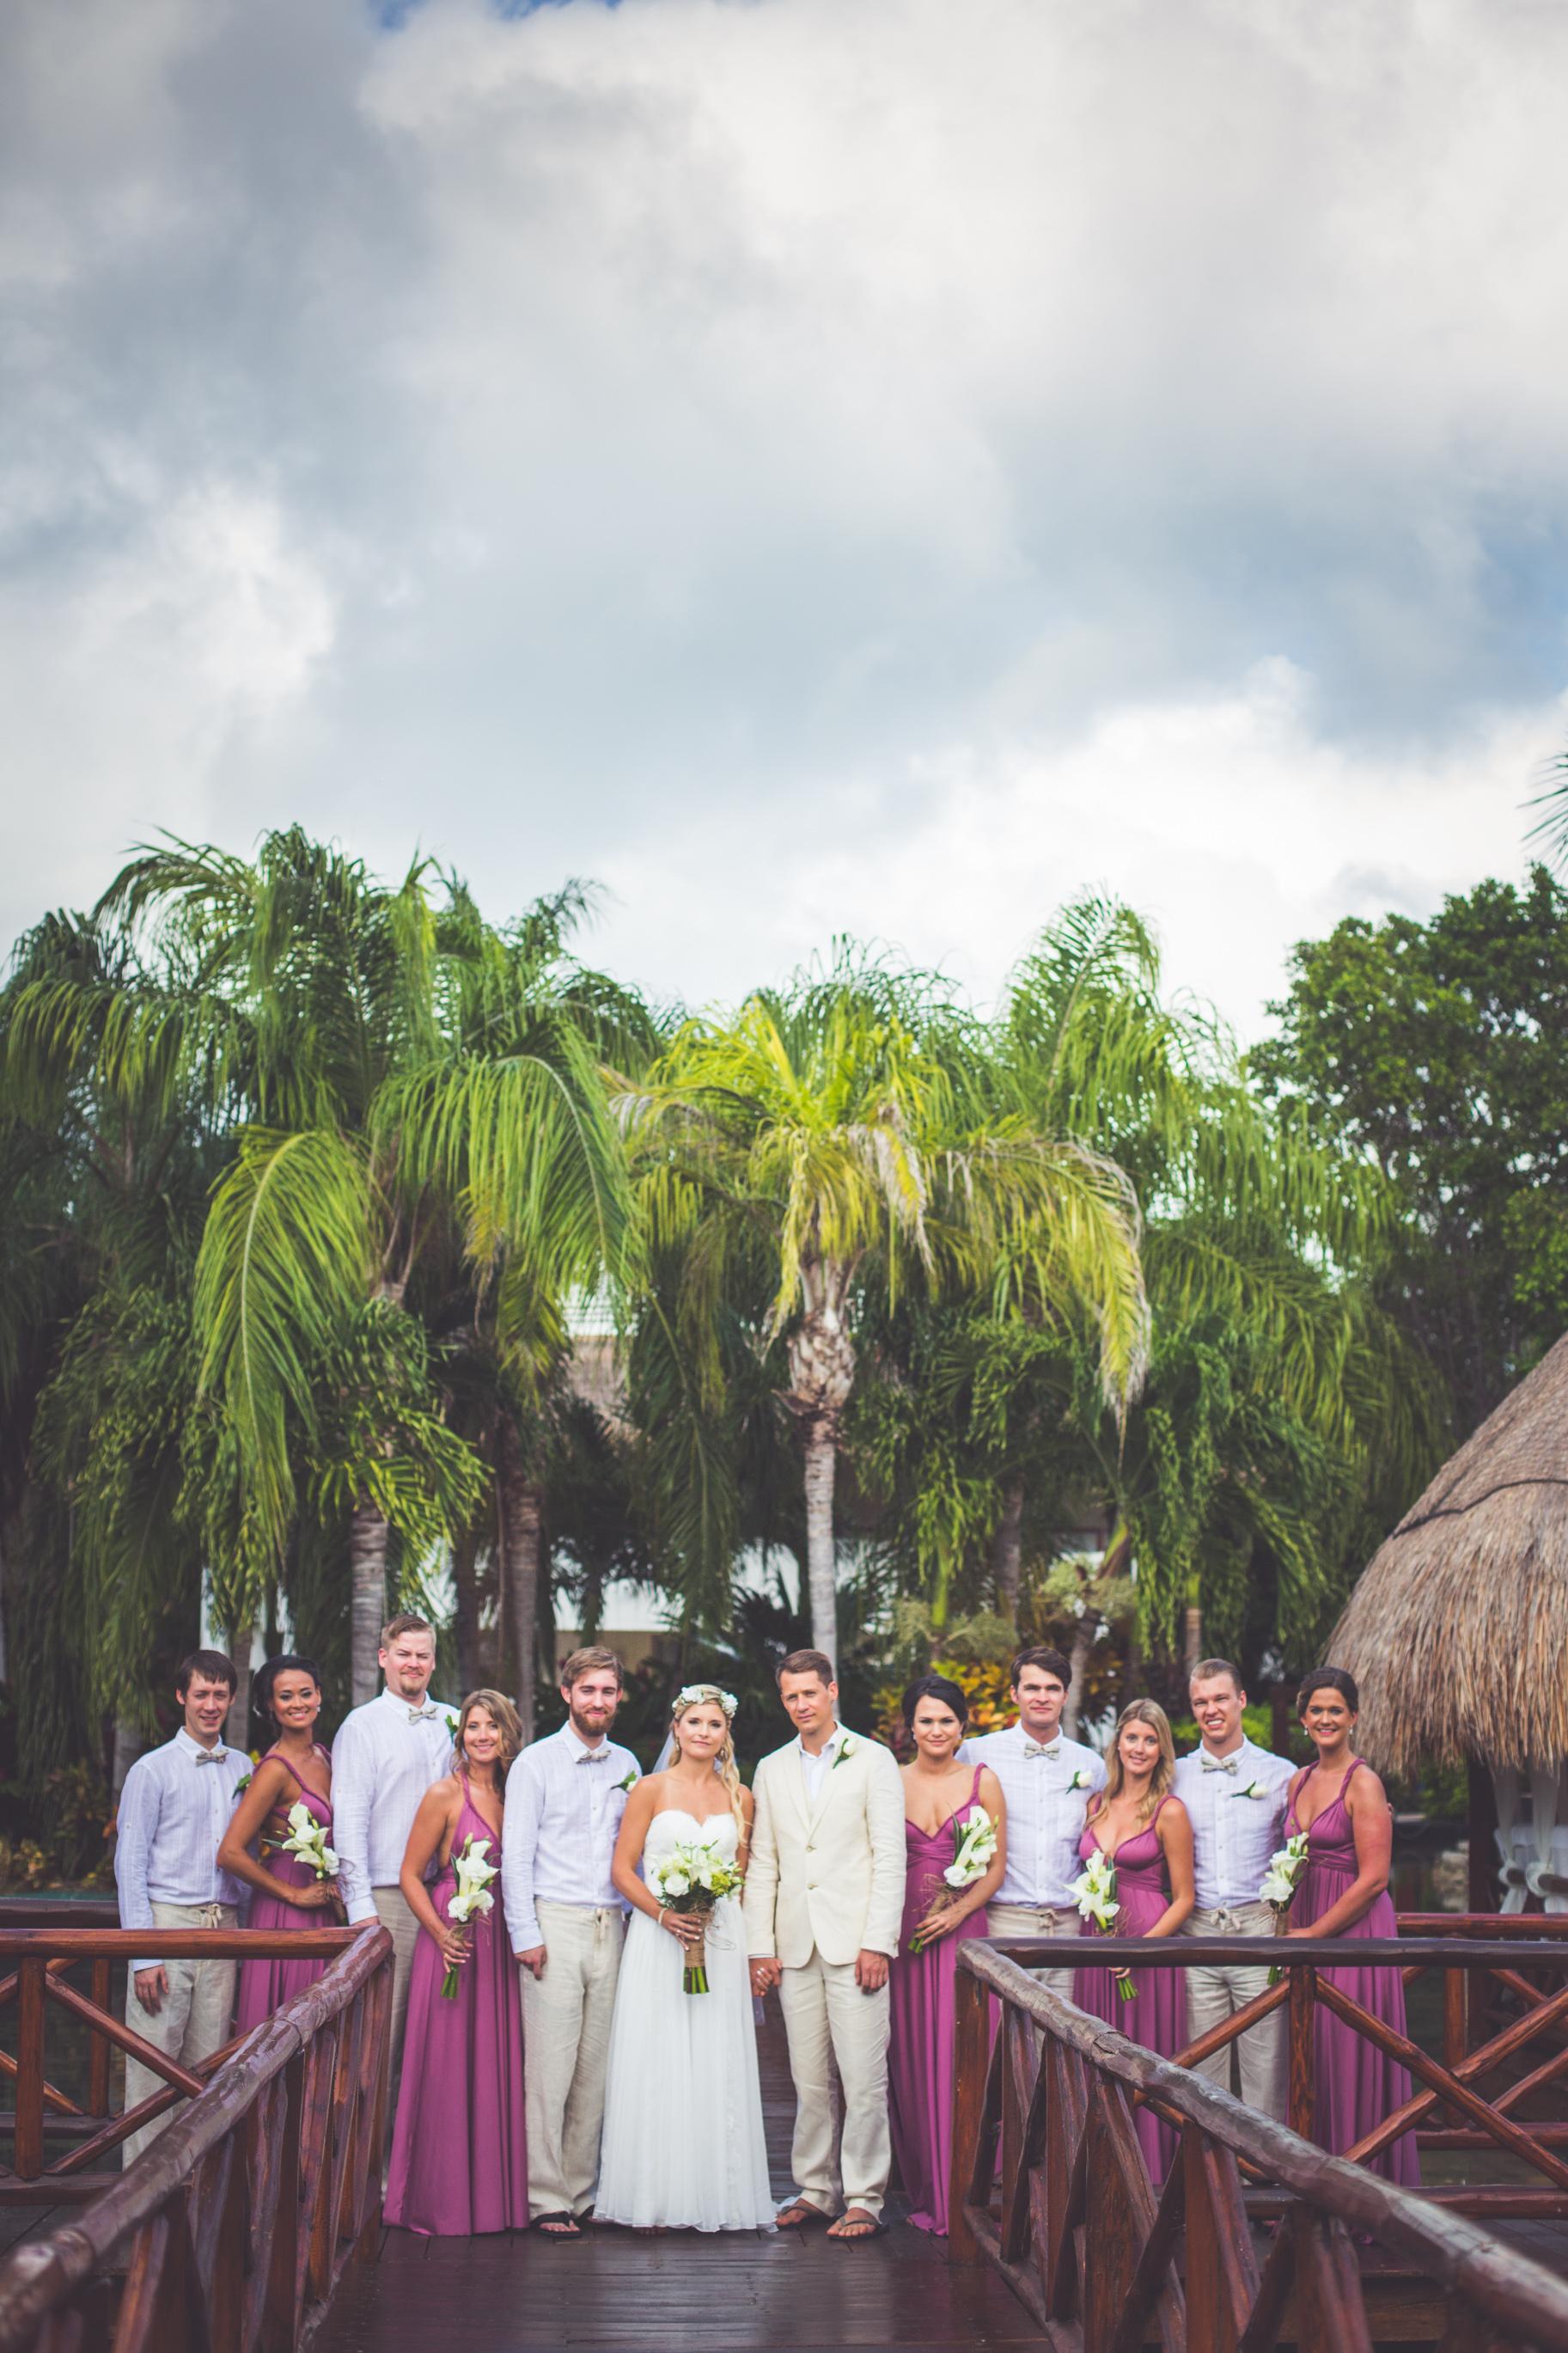 bridal party portraits at sunset princess resort playa del carmen mexico